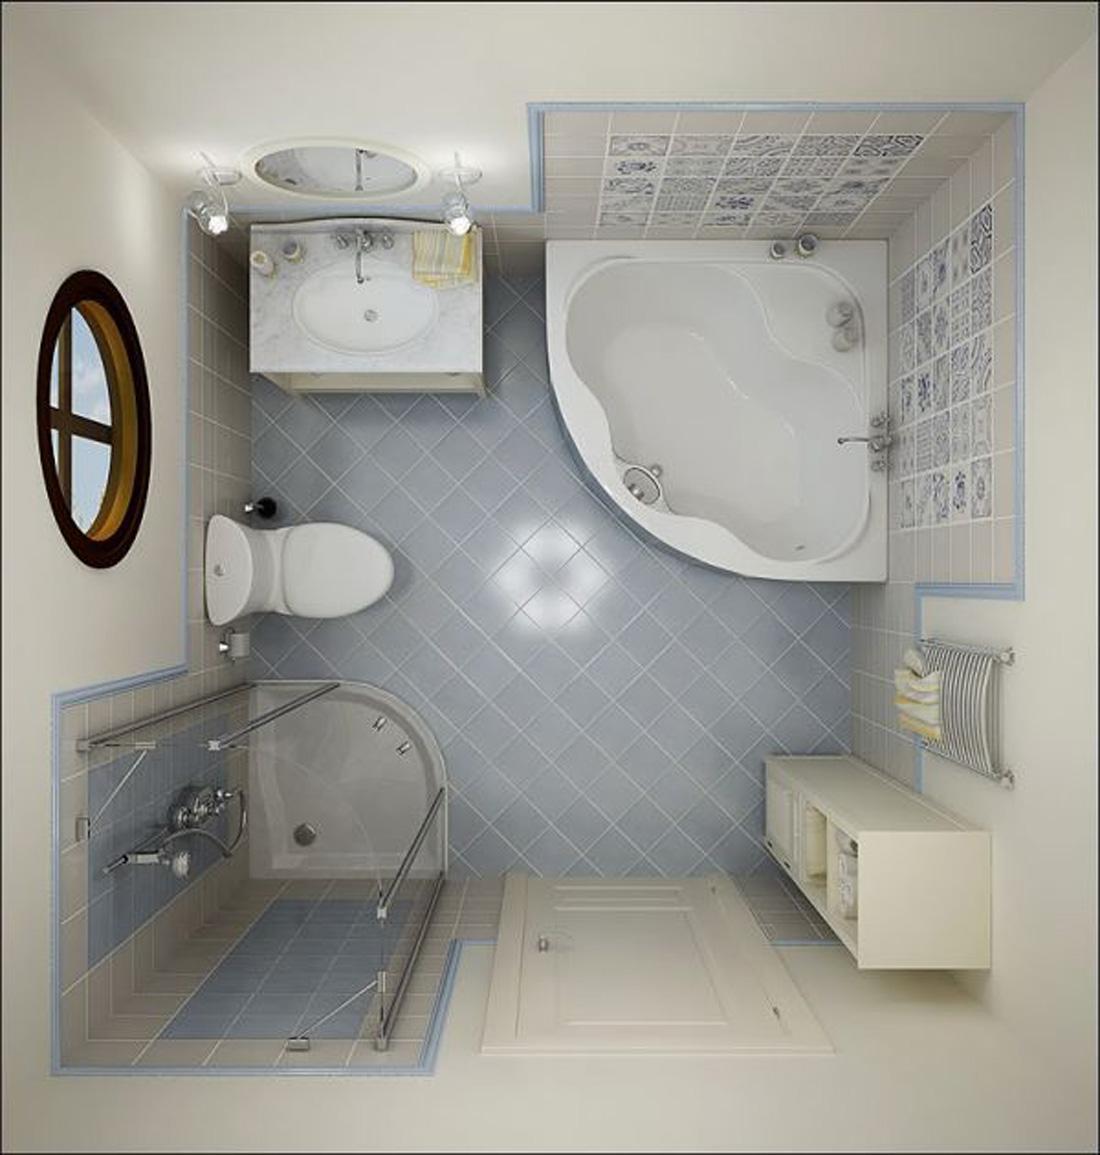 Desain Kamar Mandi Minimalis Dan Murah Gambar Desain Rumah Minimalis